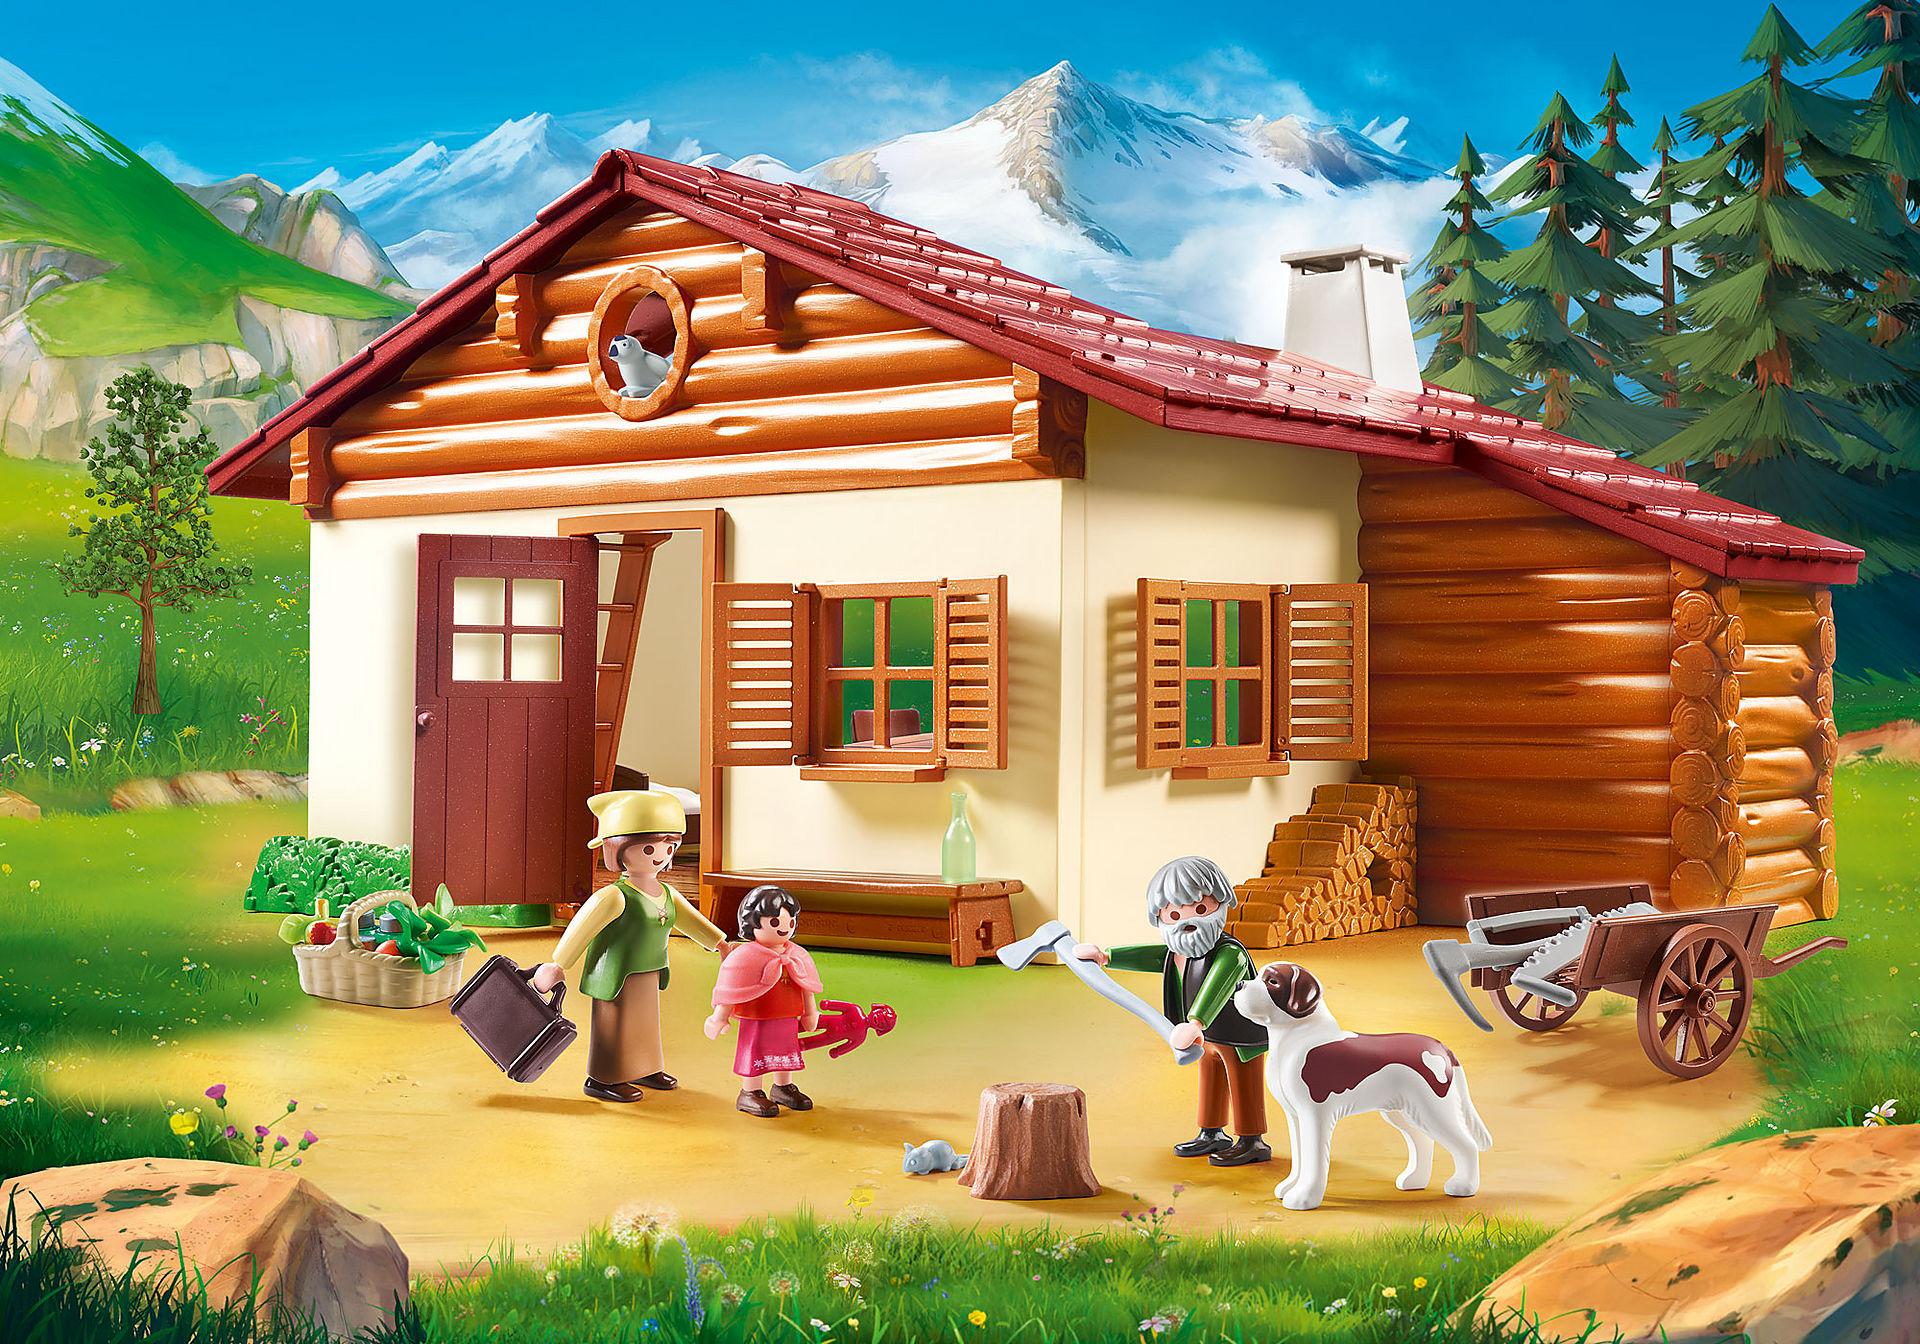 70253 Heidi en la Cabaña de los Alpes zoom image1